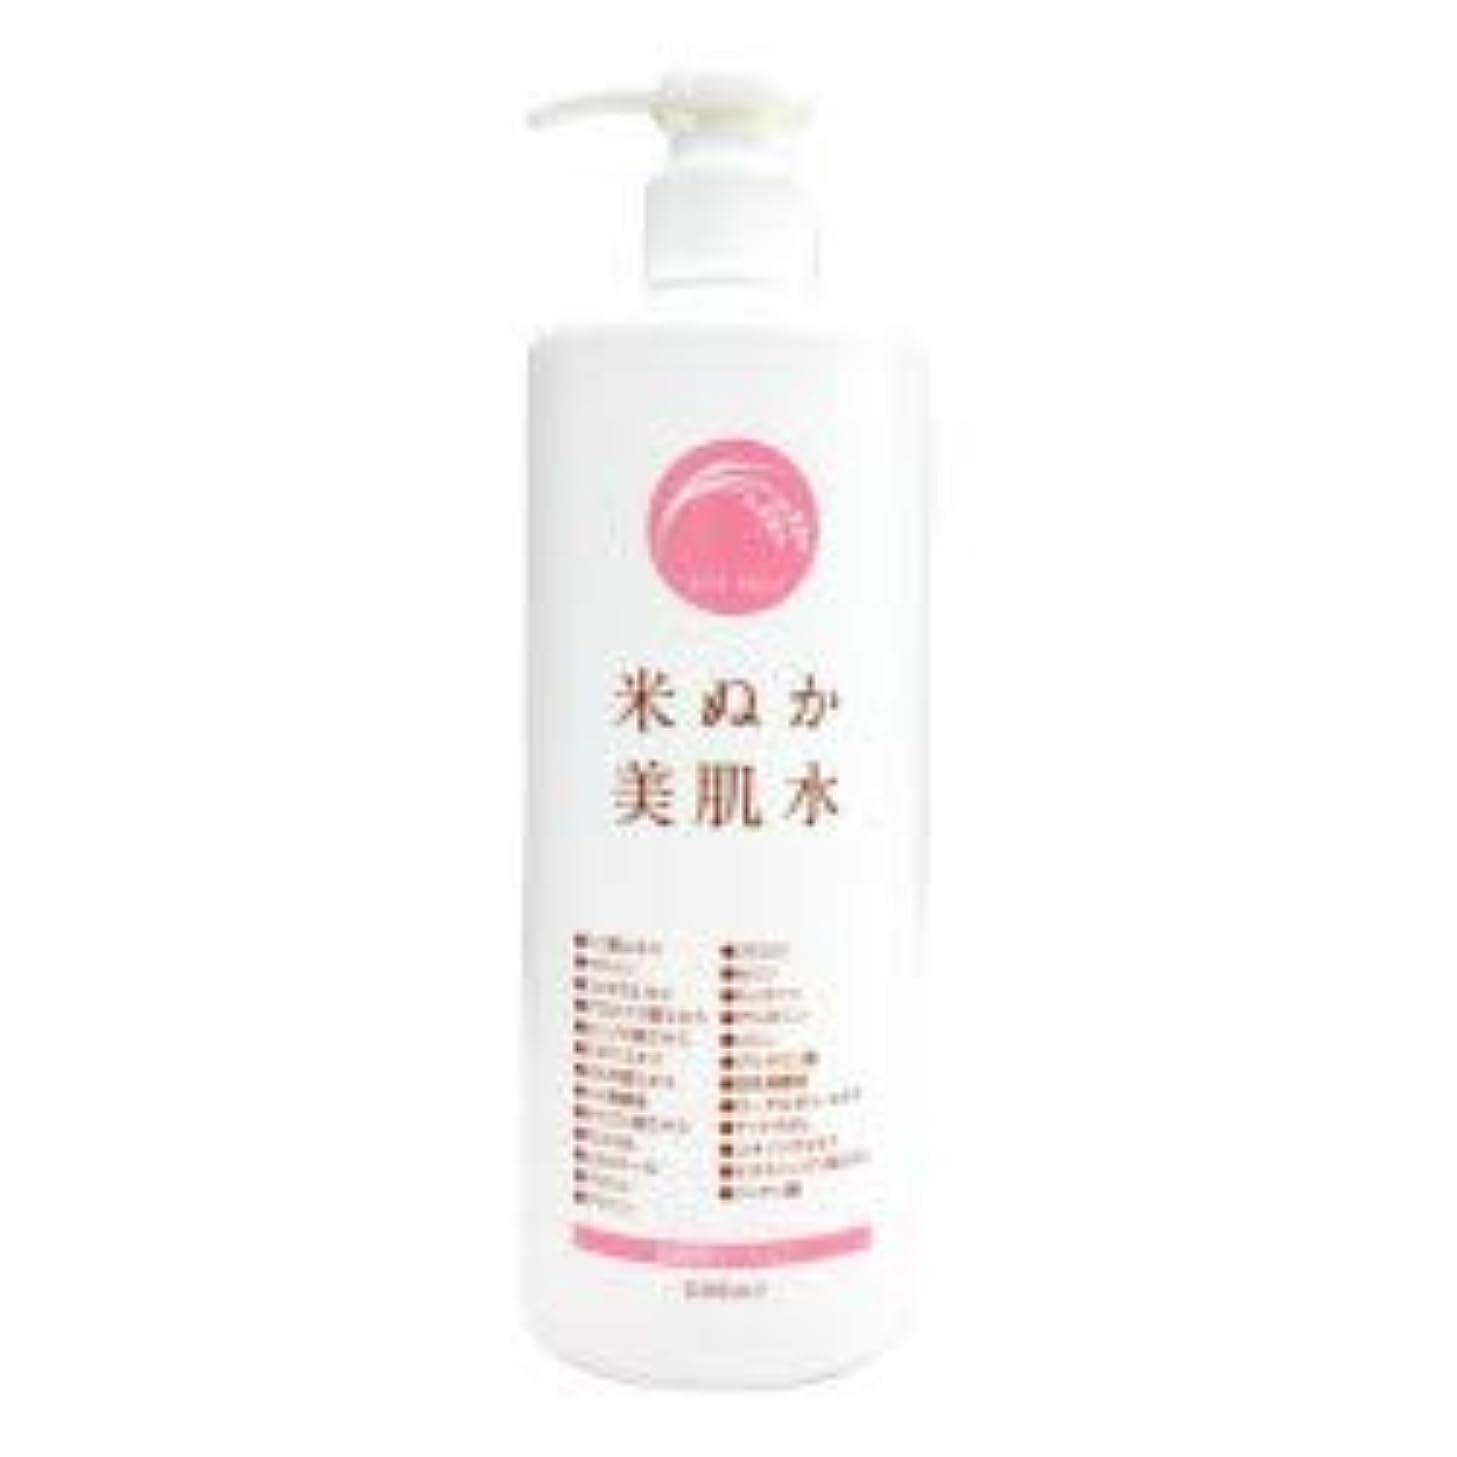 定期的なエキサイティングタワーコメヌカエキス コメ発酵液 配合 顔 ボディ用化粧水 米ぬか美肌水 500ml